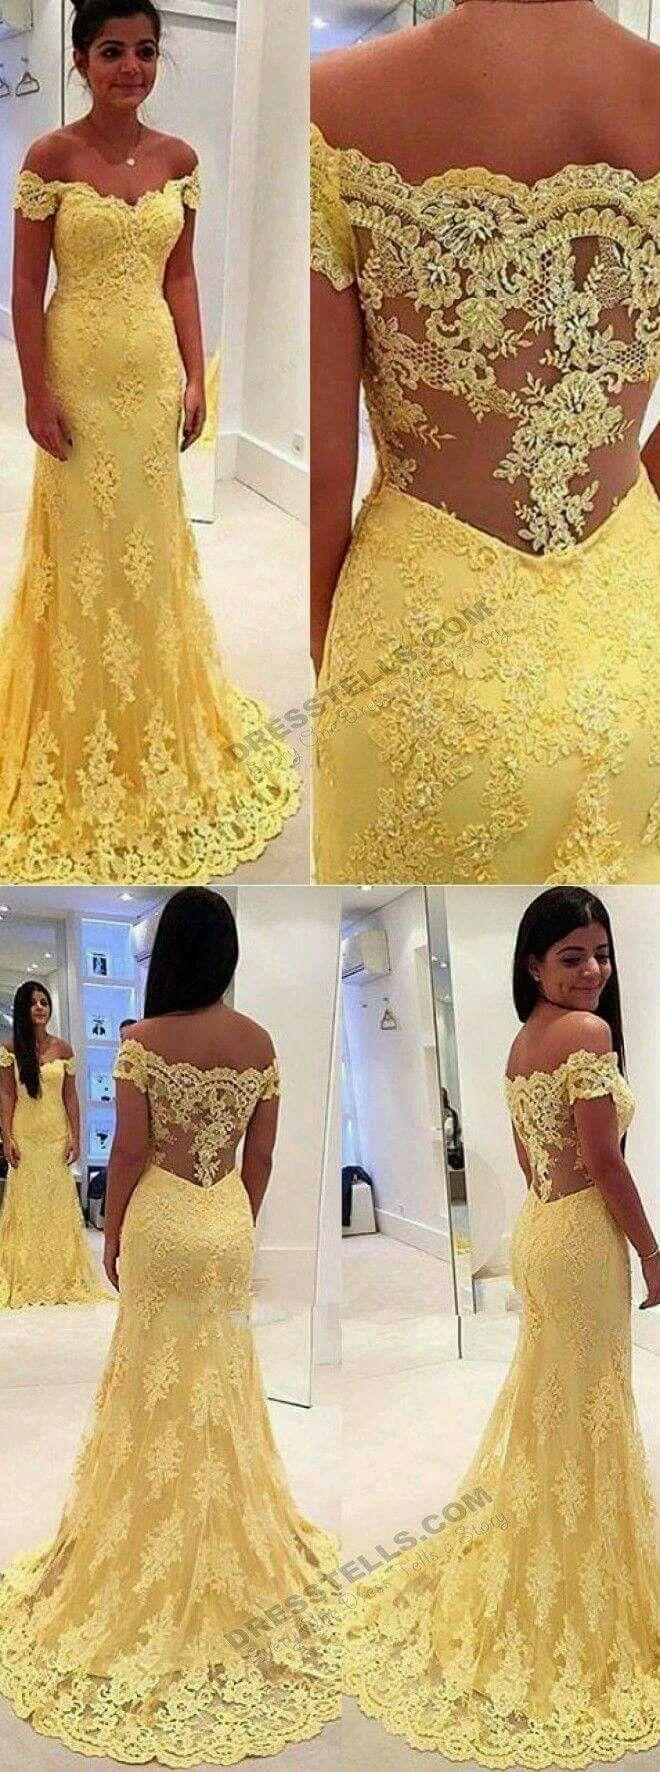 76f59ae3fb1 Vestido largo amarillo on encaje y escote en espalda | Vestidos de ...